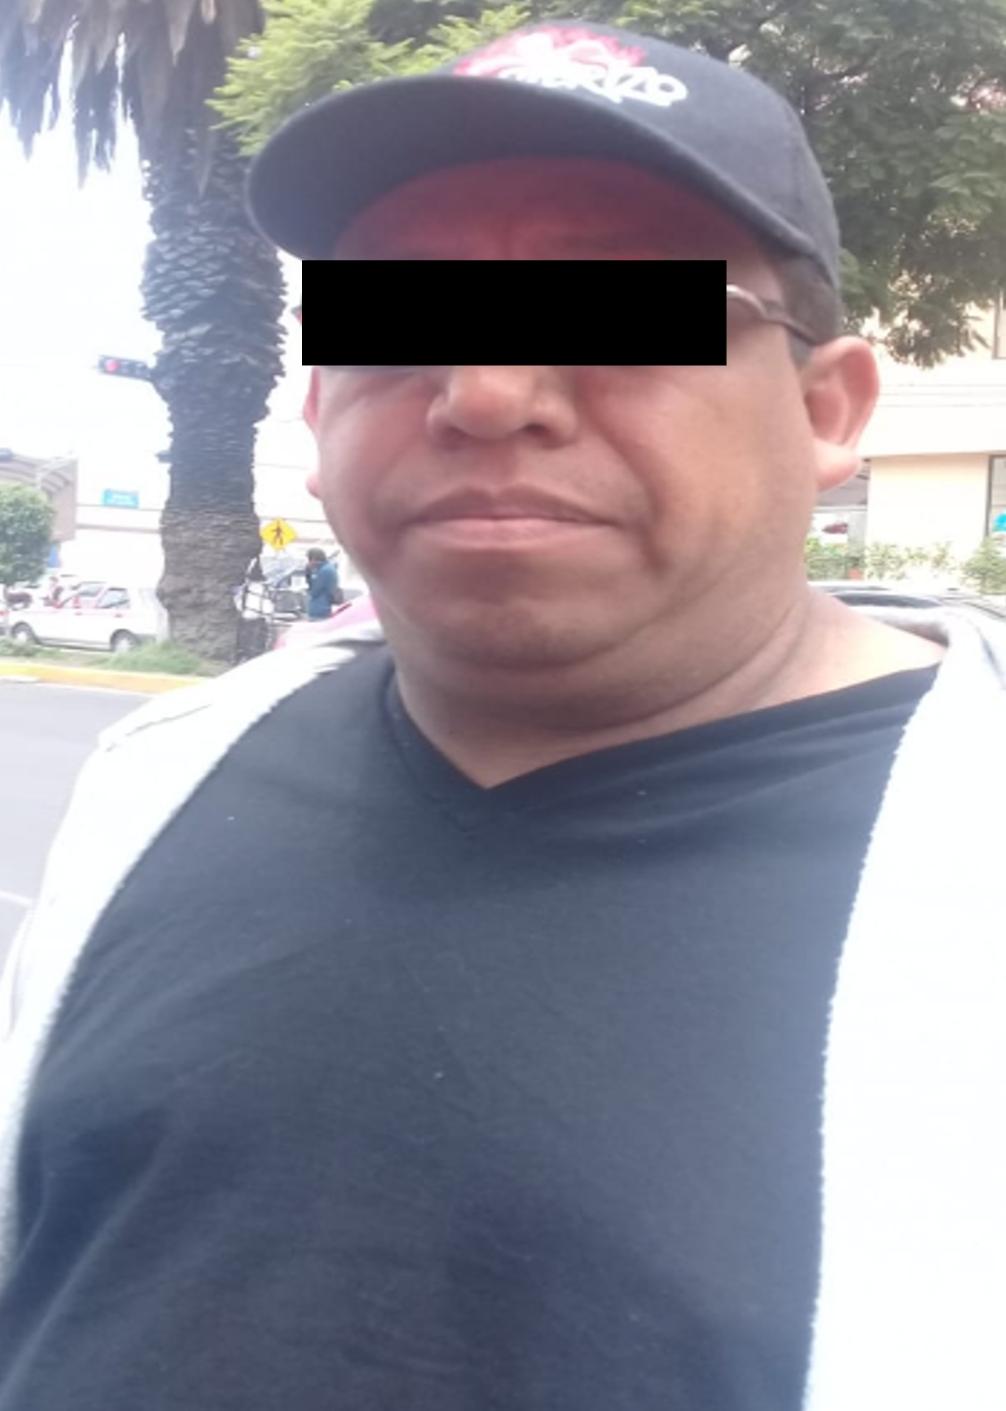 UN HOMBRE FUE DETENIDO POR SU RELACIÓN CON LOS DELITOS DE ROBO A CUENTAHABIENTE Y ROBO DE VEHÍCULO